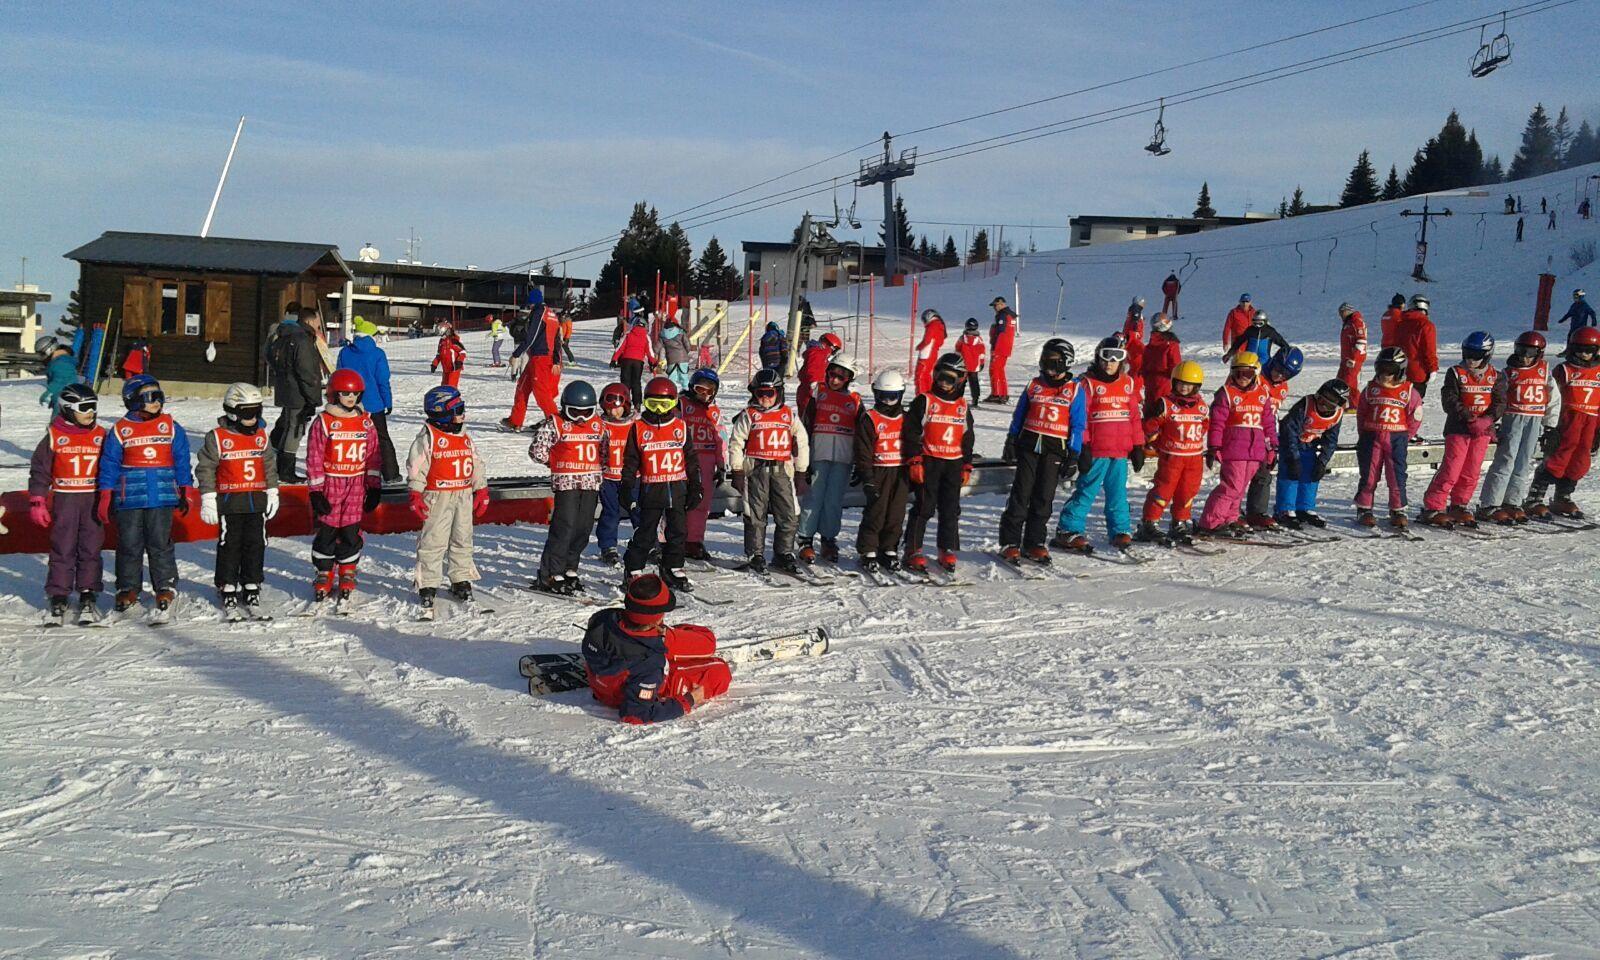 Lundi 23 janvier 2017 14h00 : première journée de ski